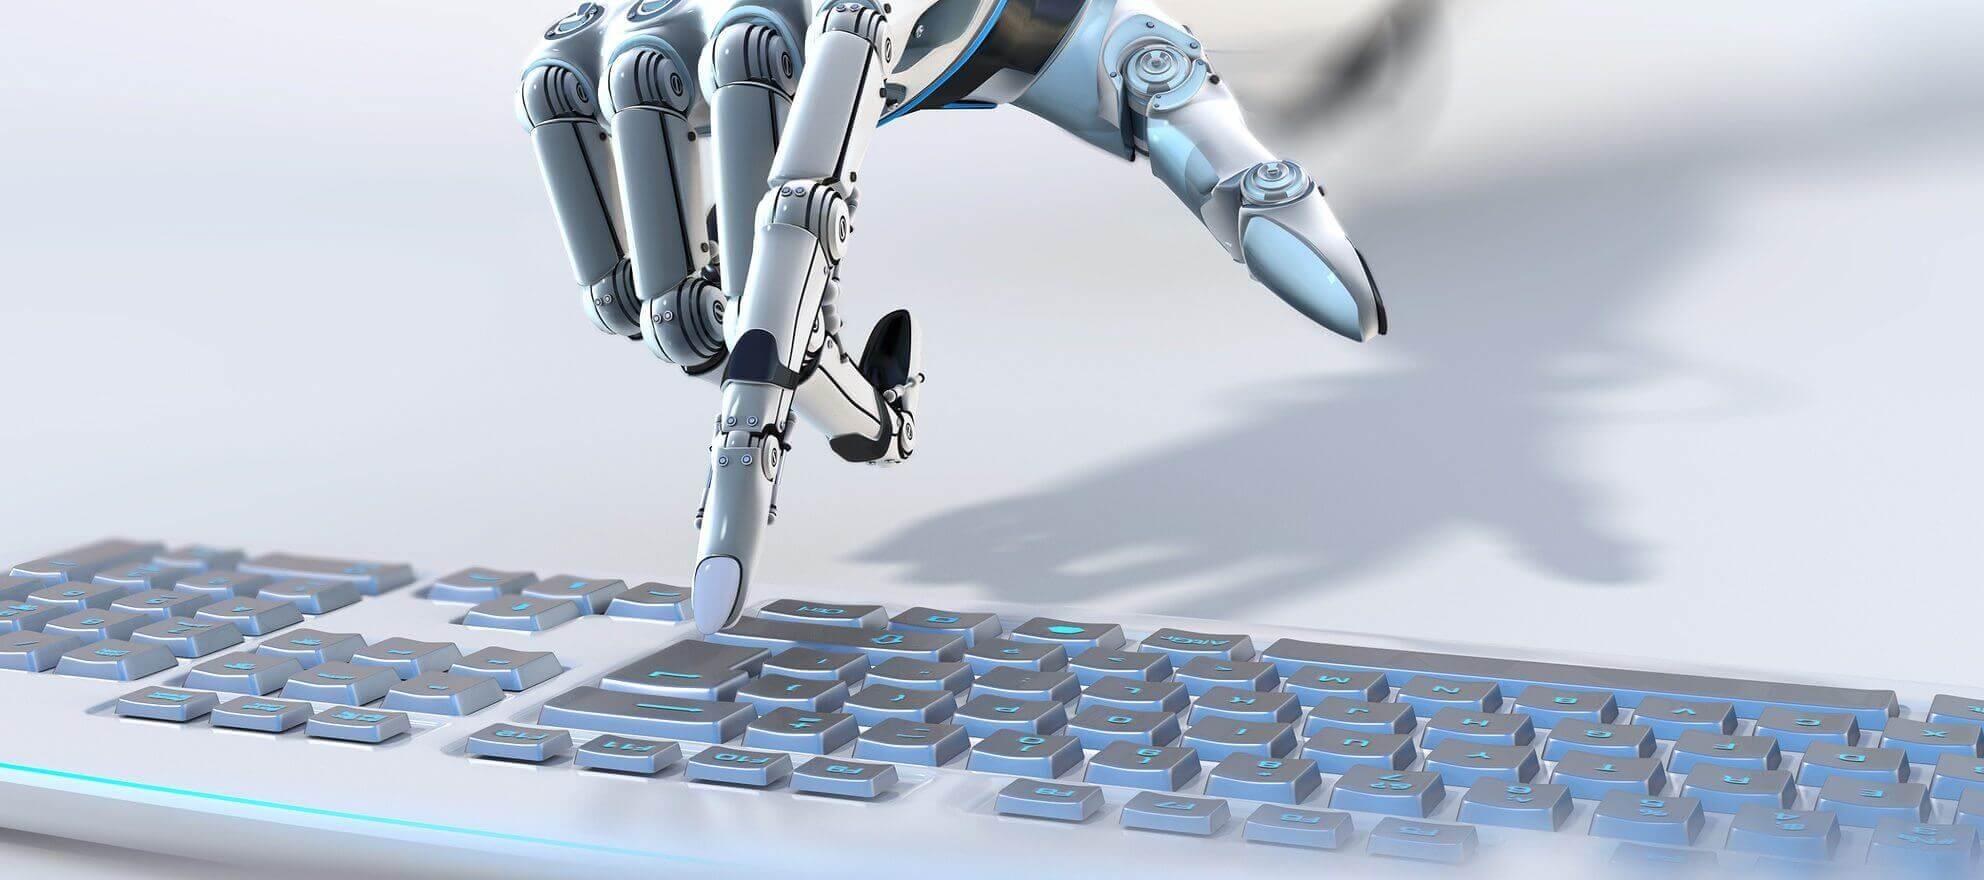 tobot-keyboard-chatbot.jpg